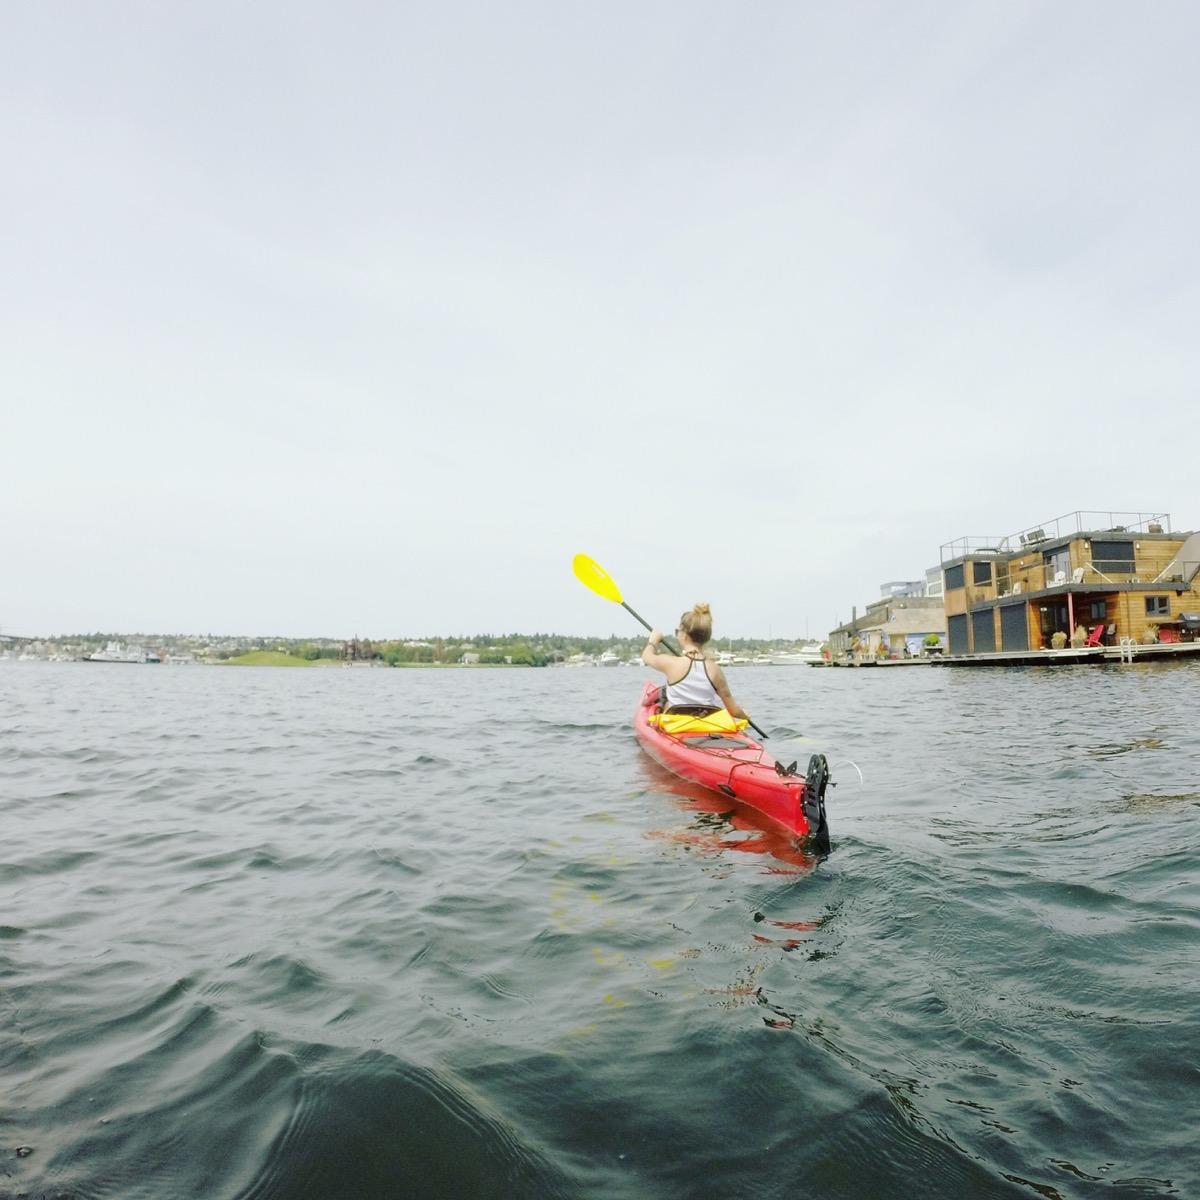 moss-bay-kayaking-south-lake-union-9.jpg